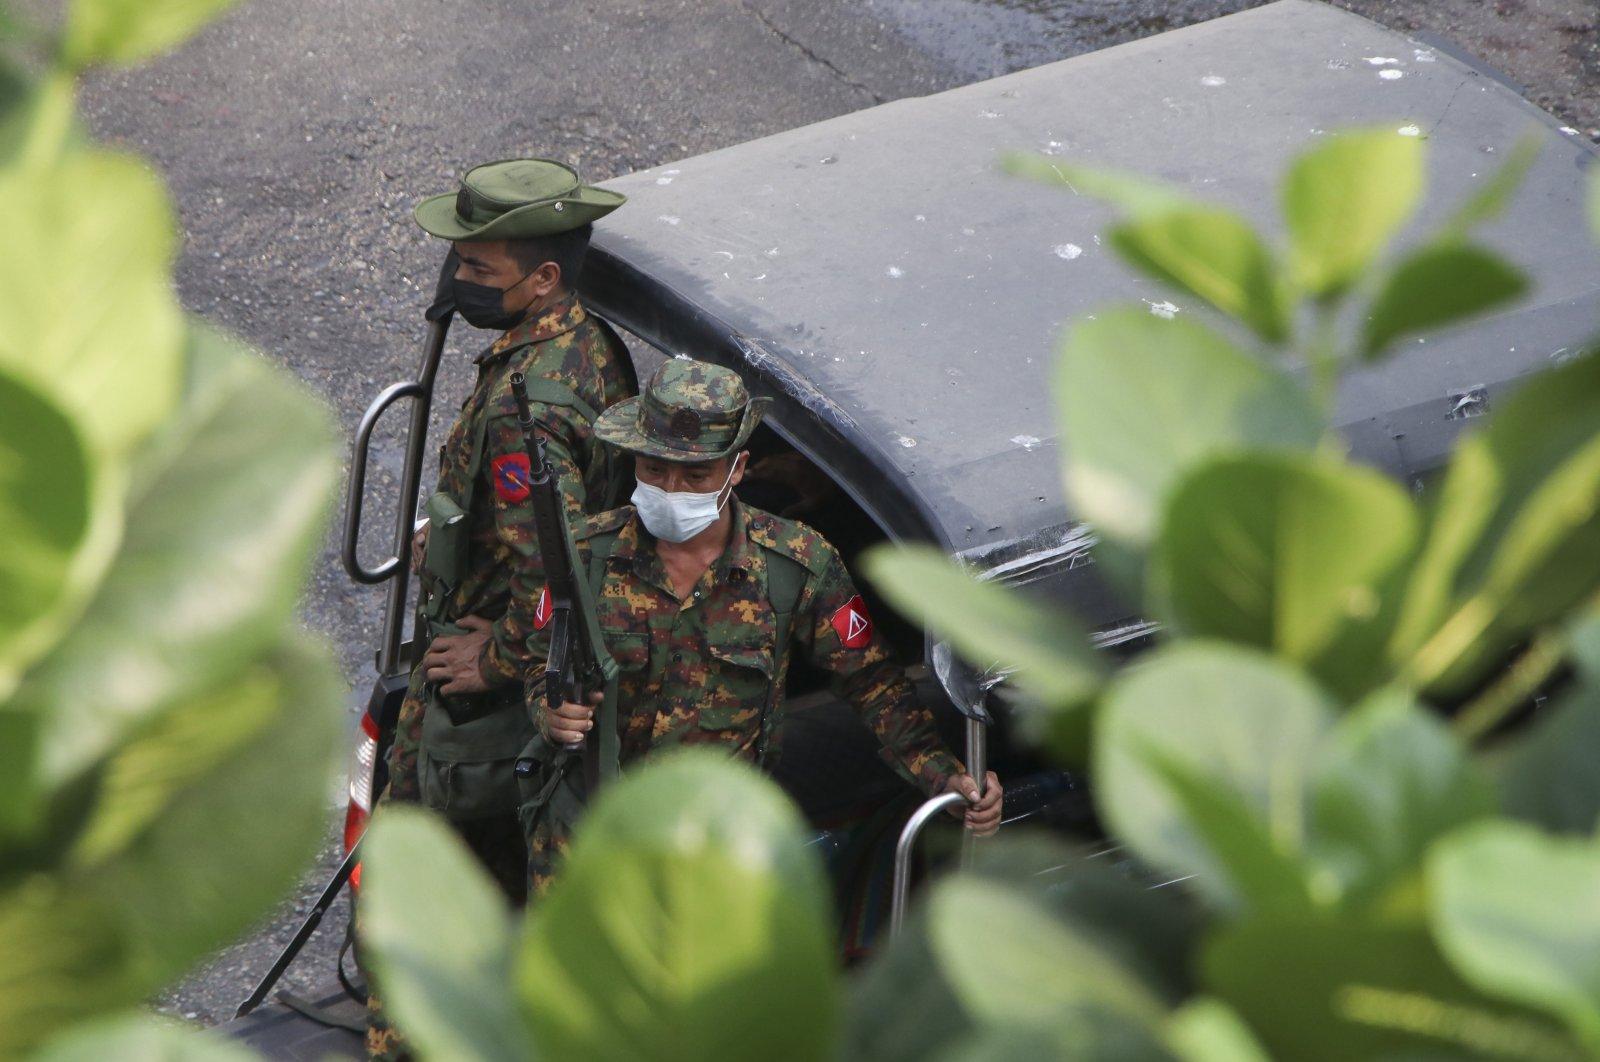 Soldiers patrol in Yangon, Myanmar, March 13, 2021. (AP Photo)